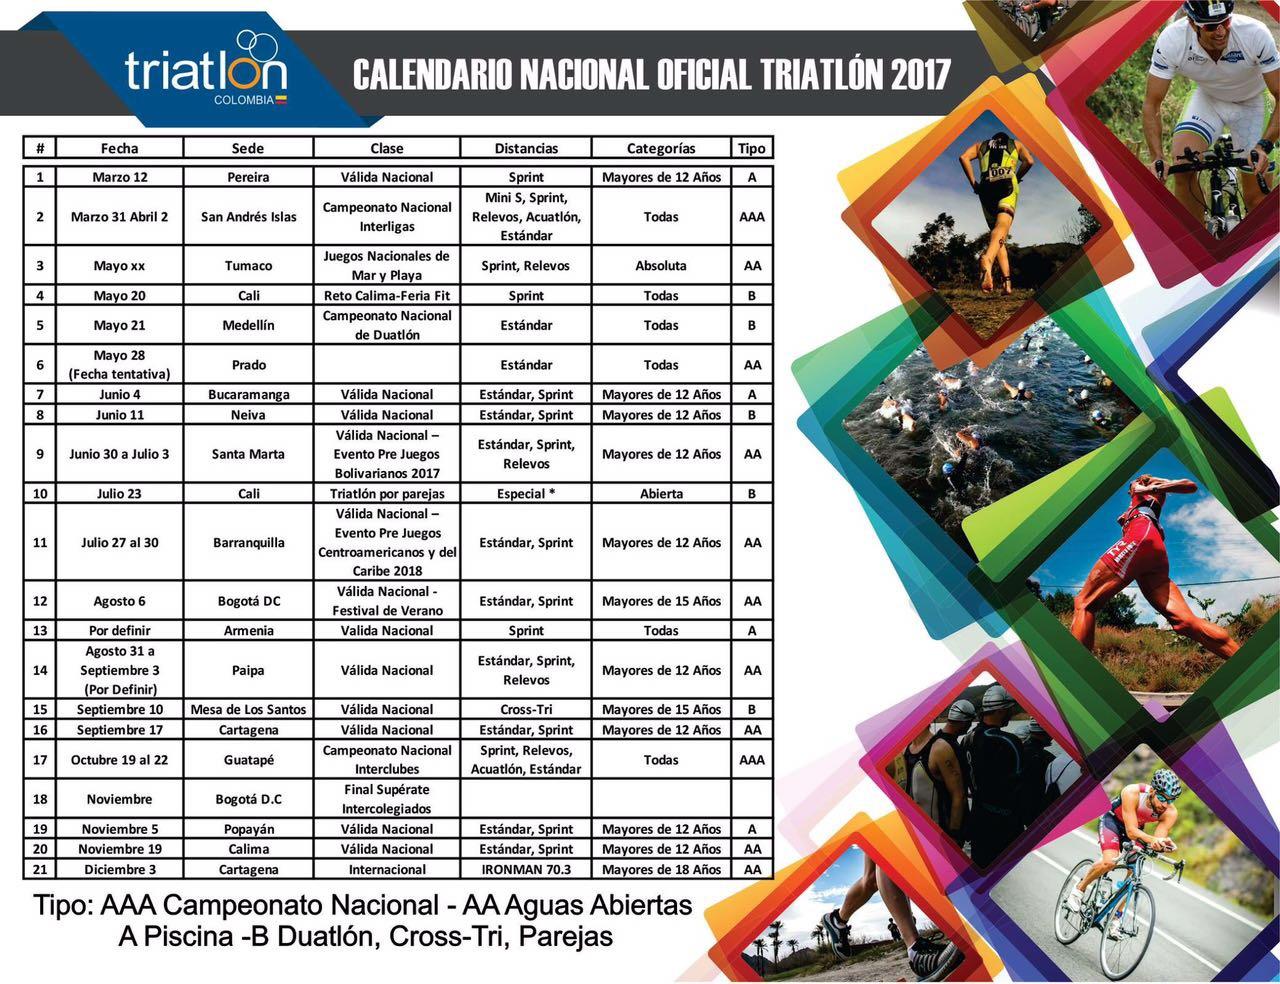 Calendario Triatlon 2019.Calendario Nacional Oficial Triatlon 2017 Colombia Mejor Real